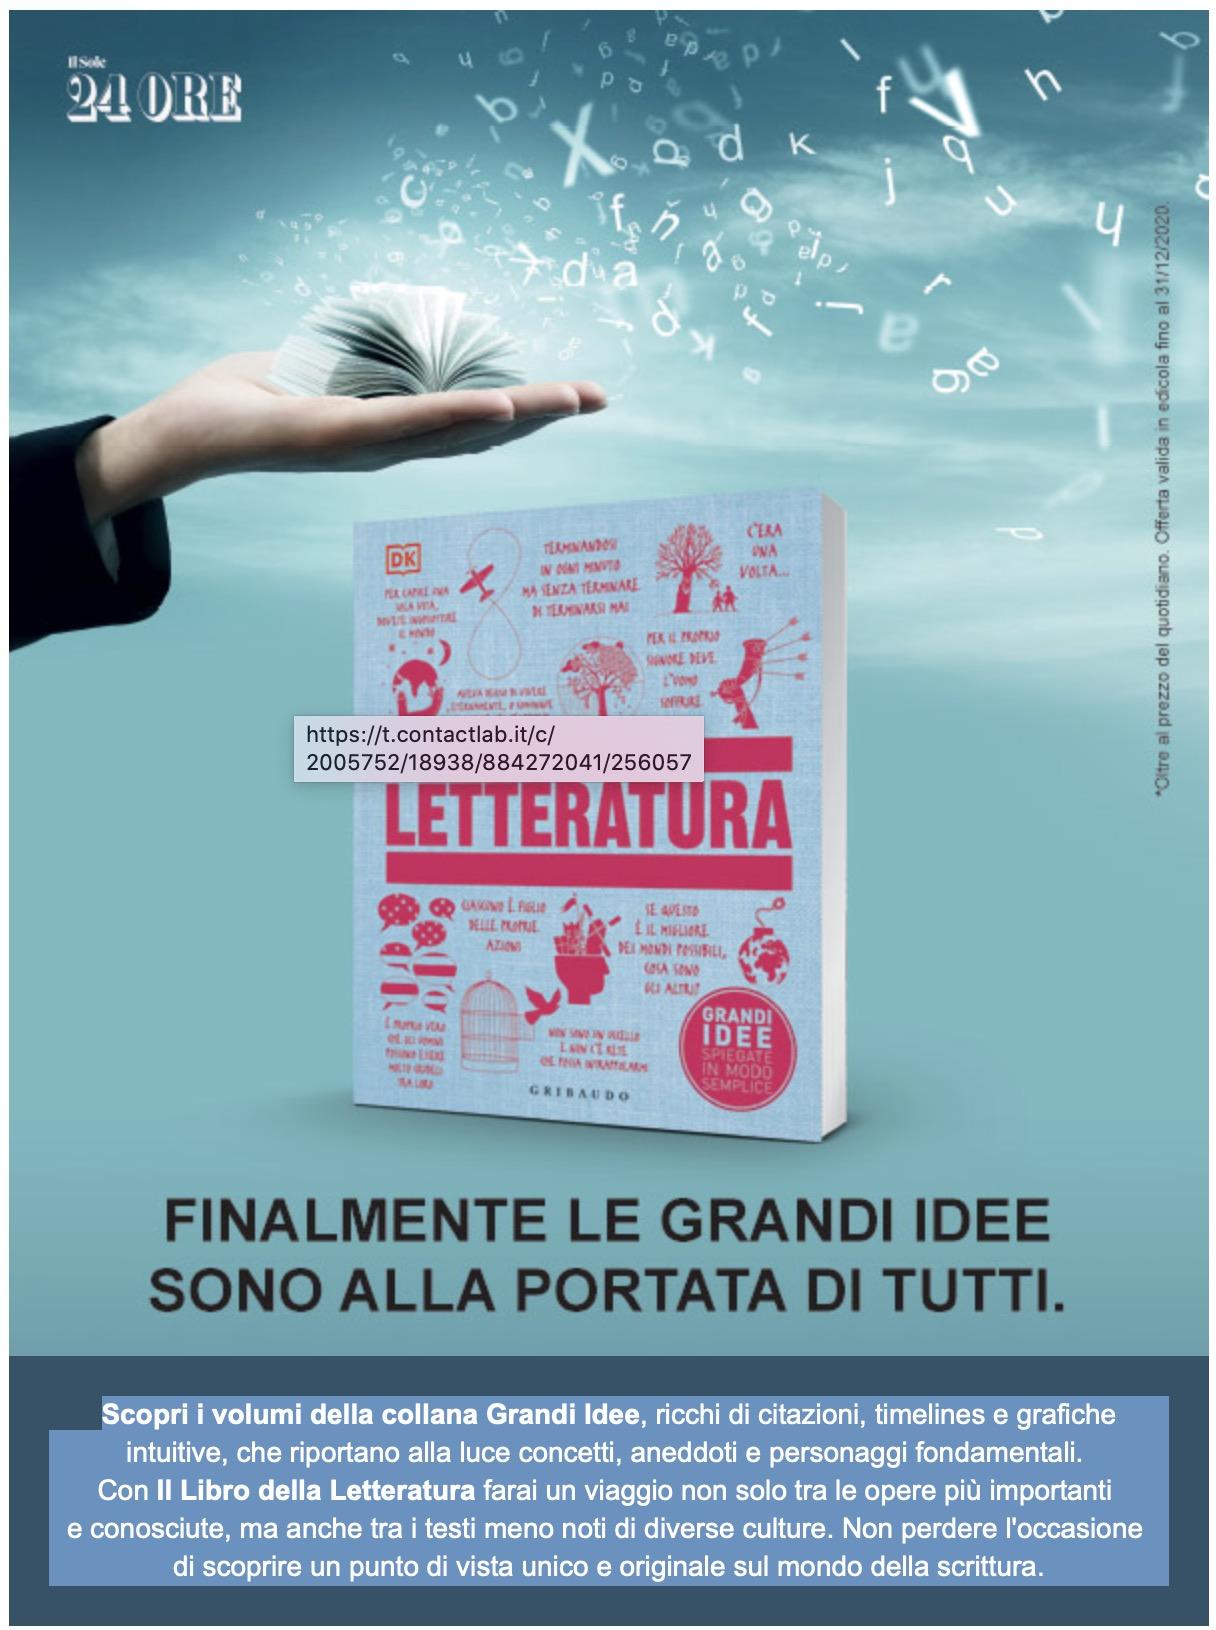 FINALMENTE LE GRANDI IDEE SONO ALLA PORTATA DI TUTTI. Dal 1 dicembre in edicola il libro Grandi Idee LETTERATURA